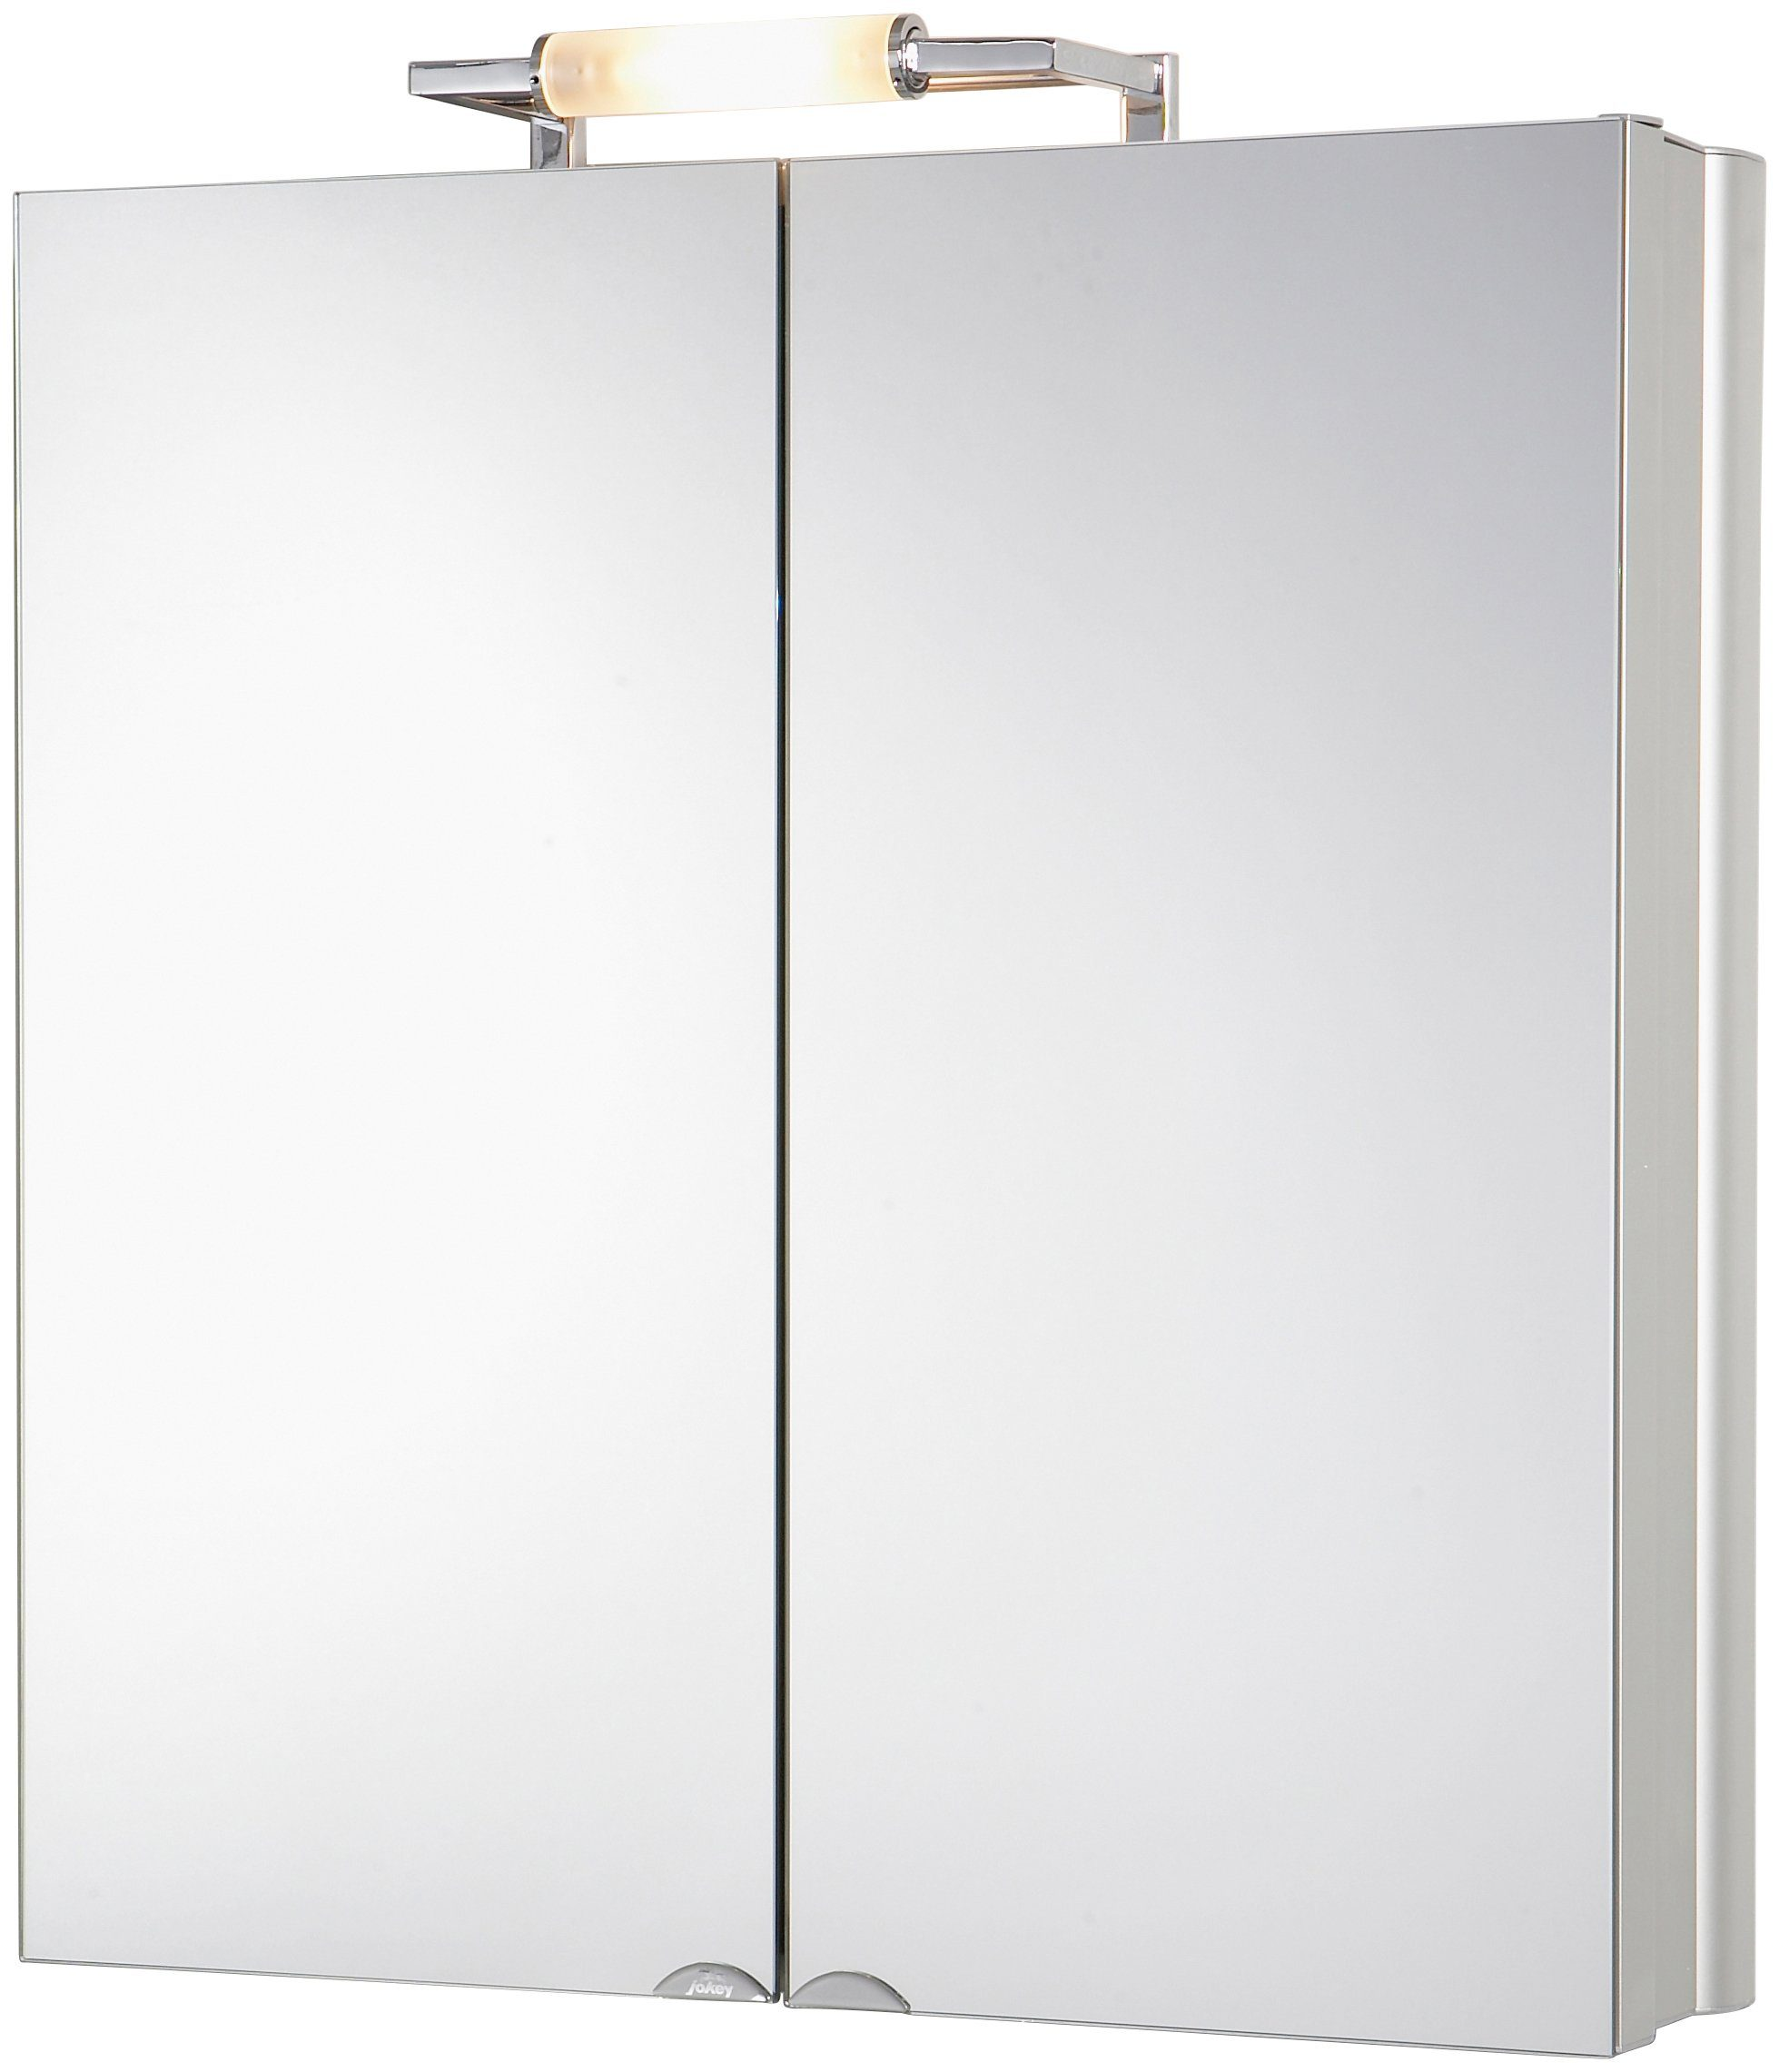 Jokey Spiegelschrank »BelAlu« Breite 65 cm, mit Beleuchtung